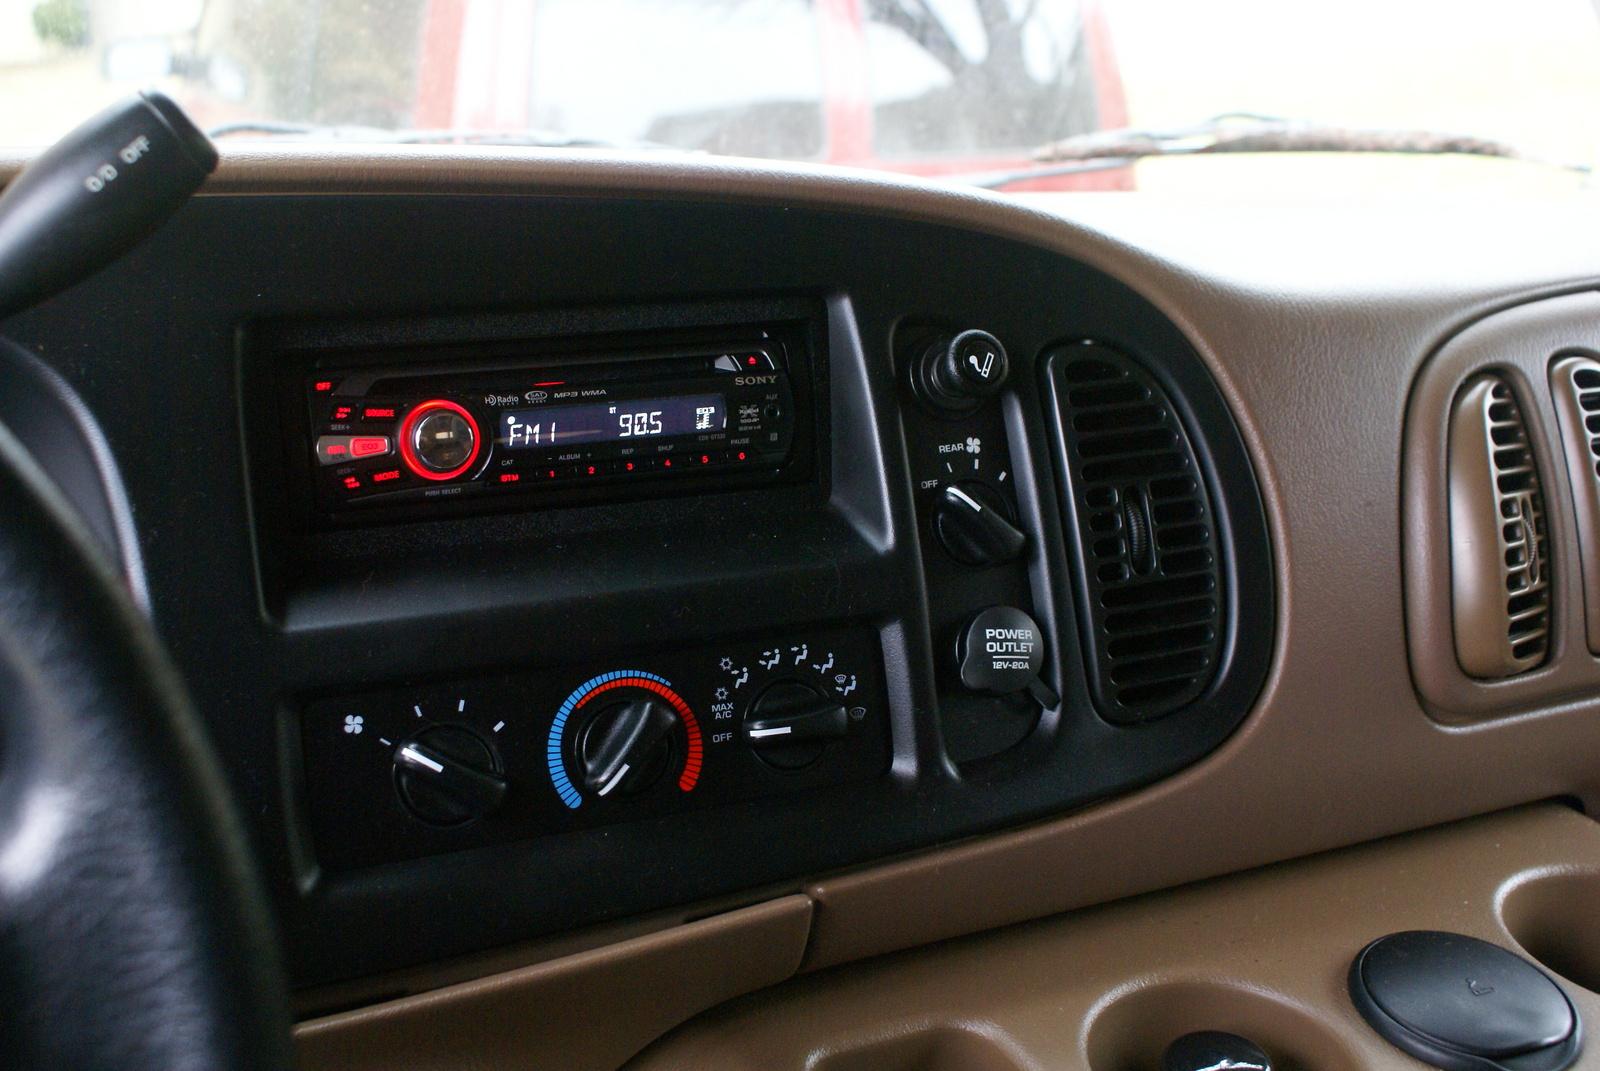 2000 Dodge Ram Van Interior Pictures Cargurus